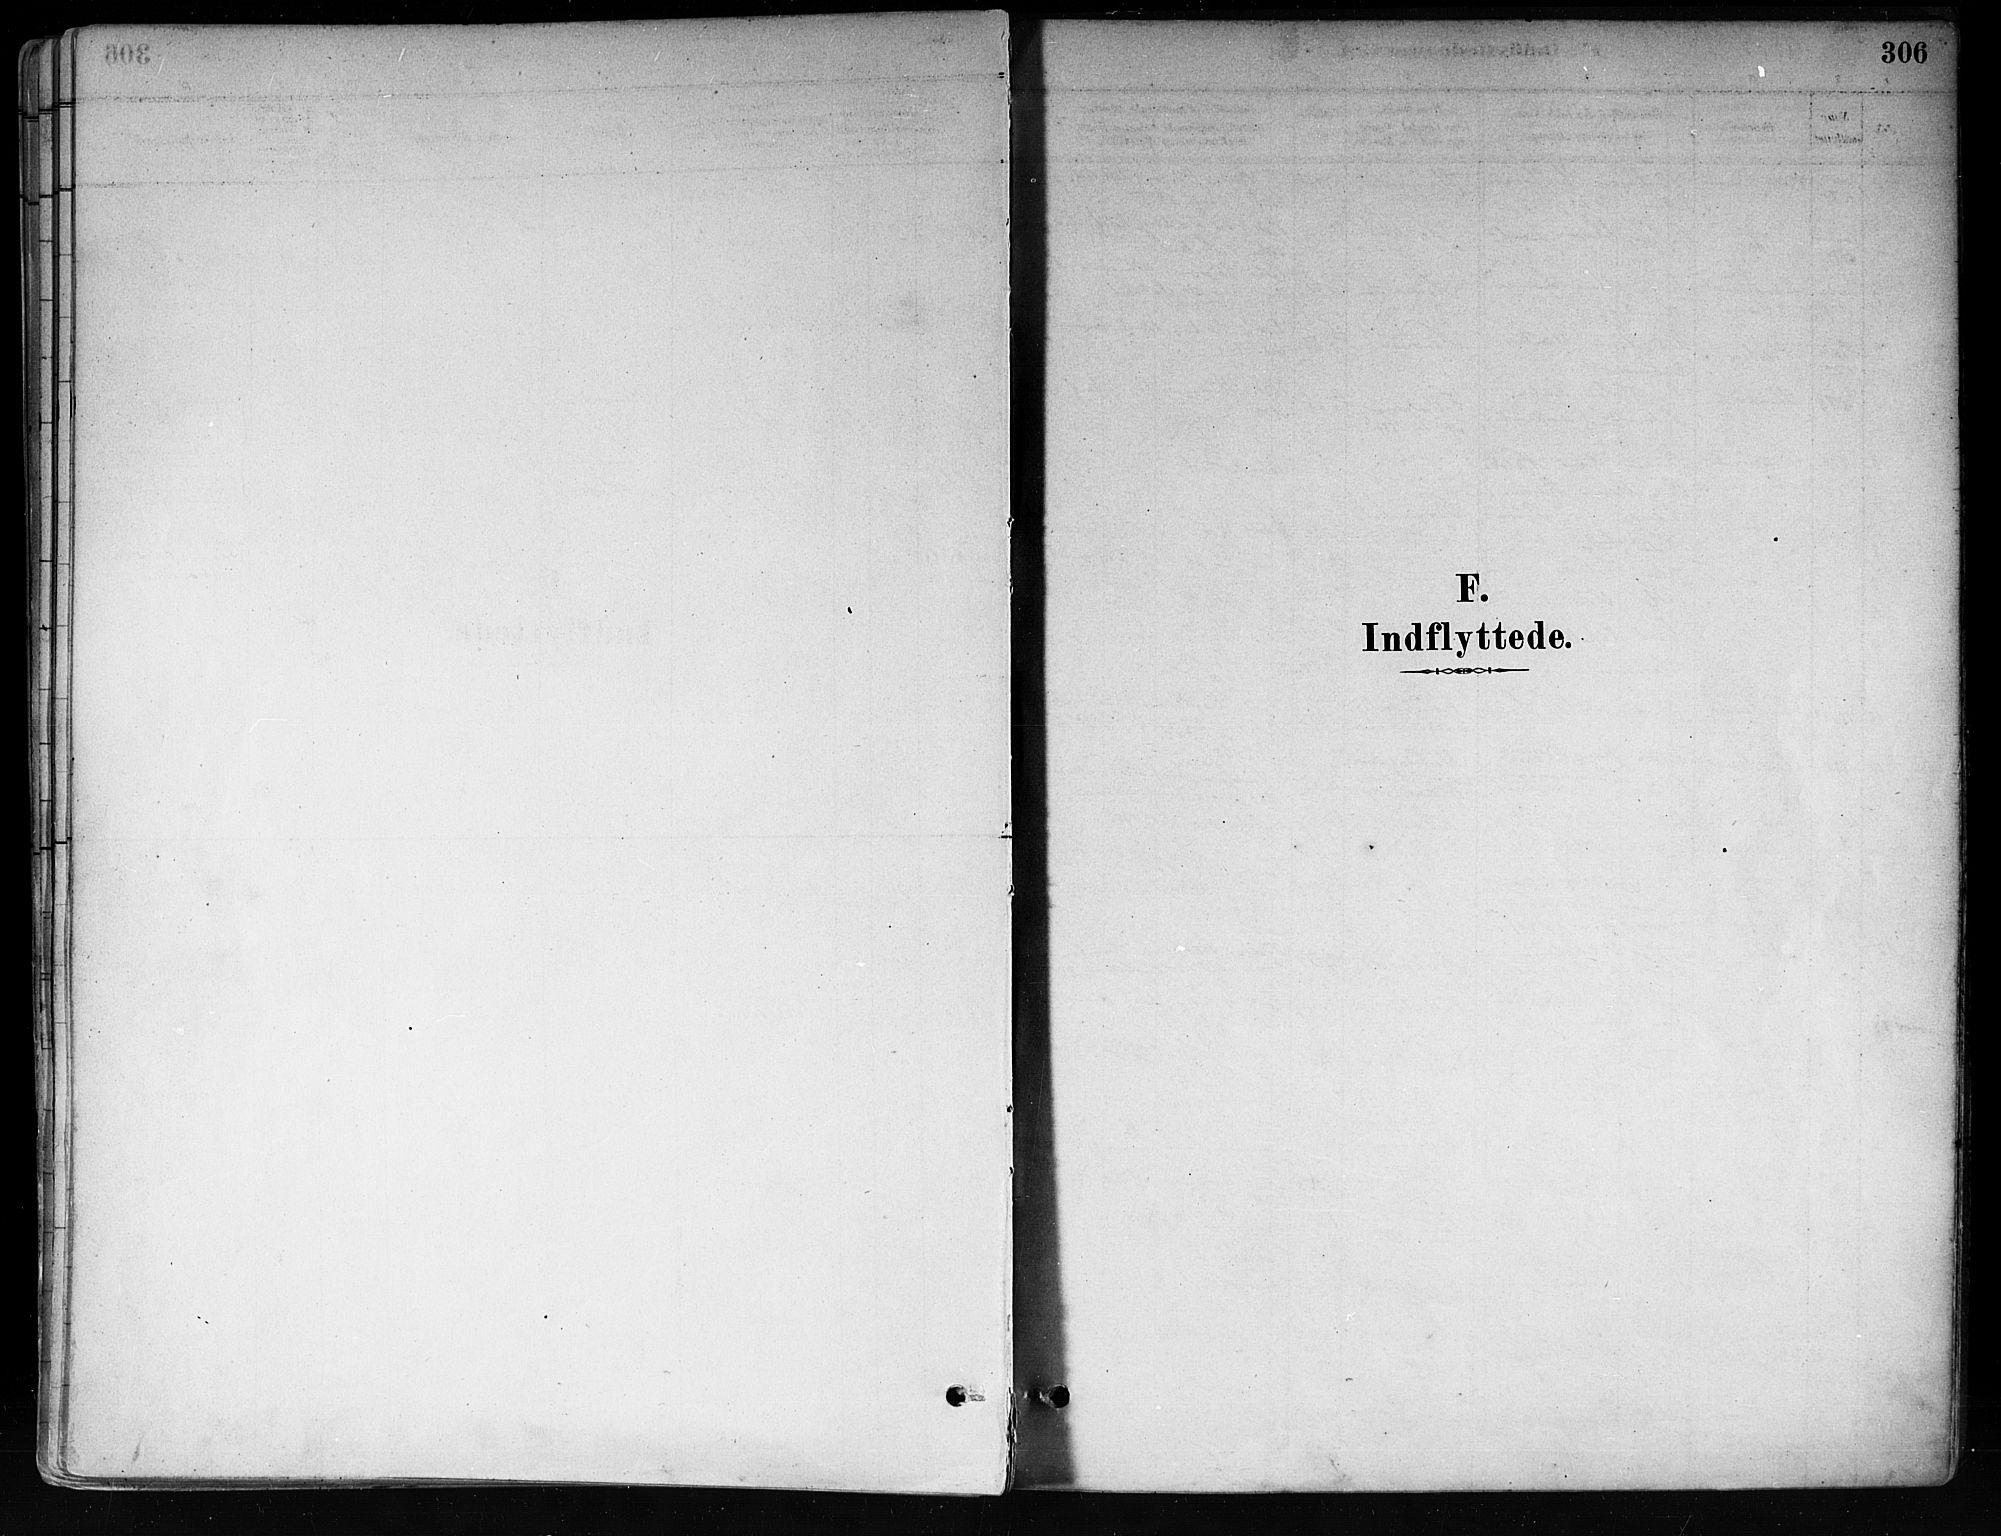 SAKO, Røyken kirkebøker, F/Fa/L0008: Ministerialbok nr. 8, 1880-1897, s. 306